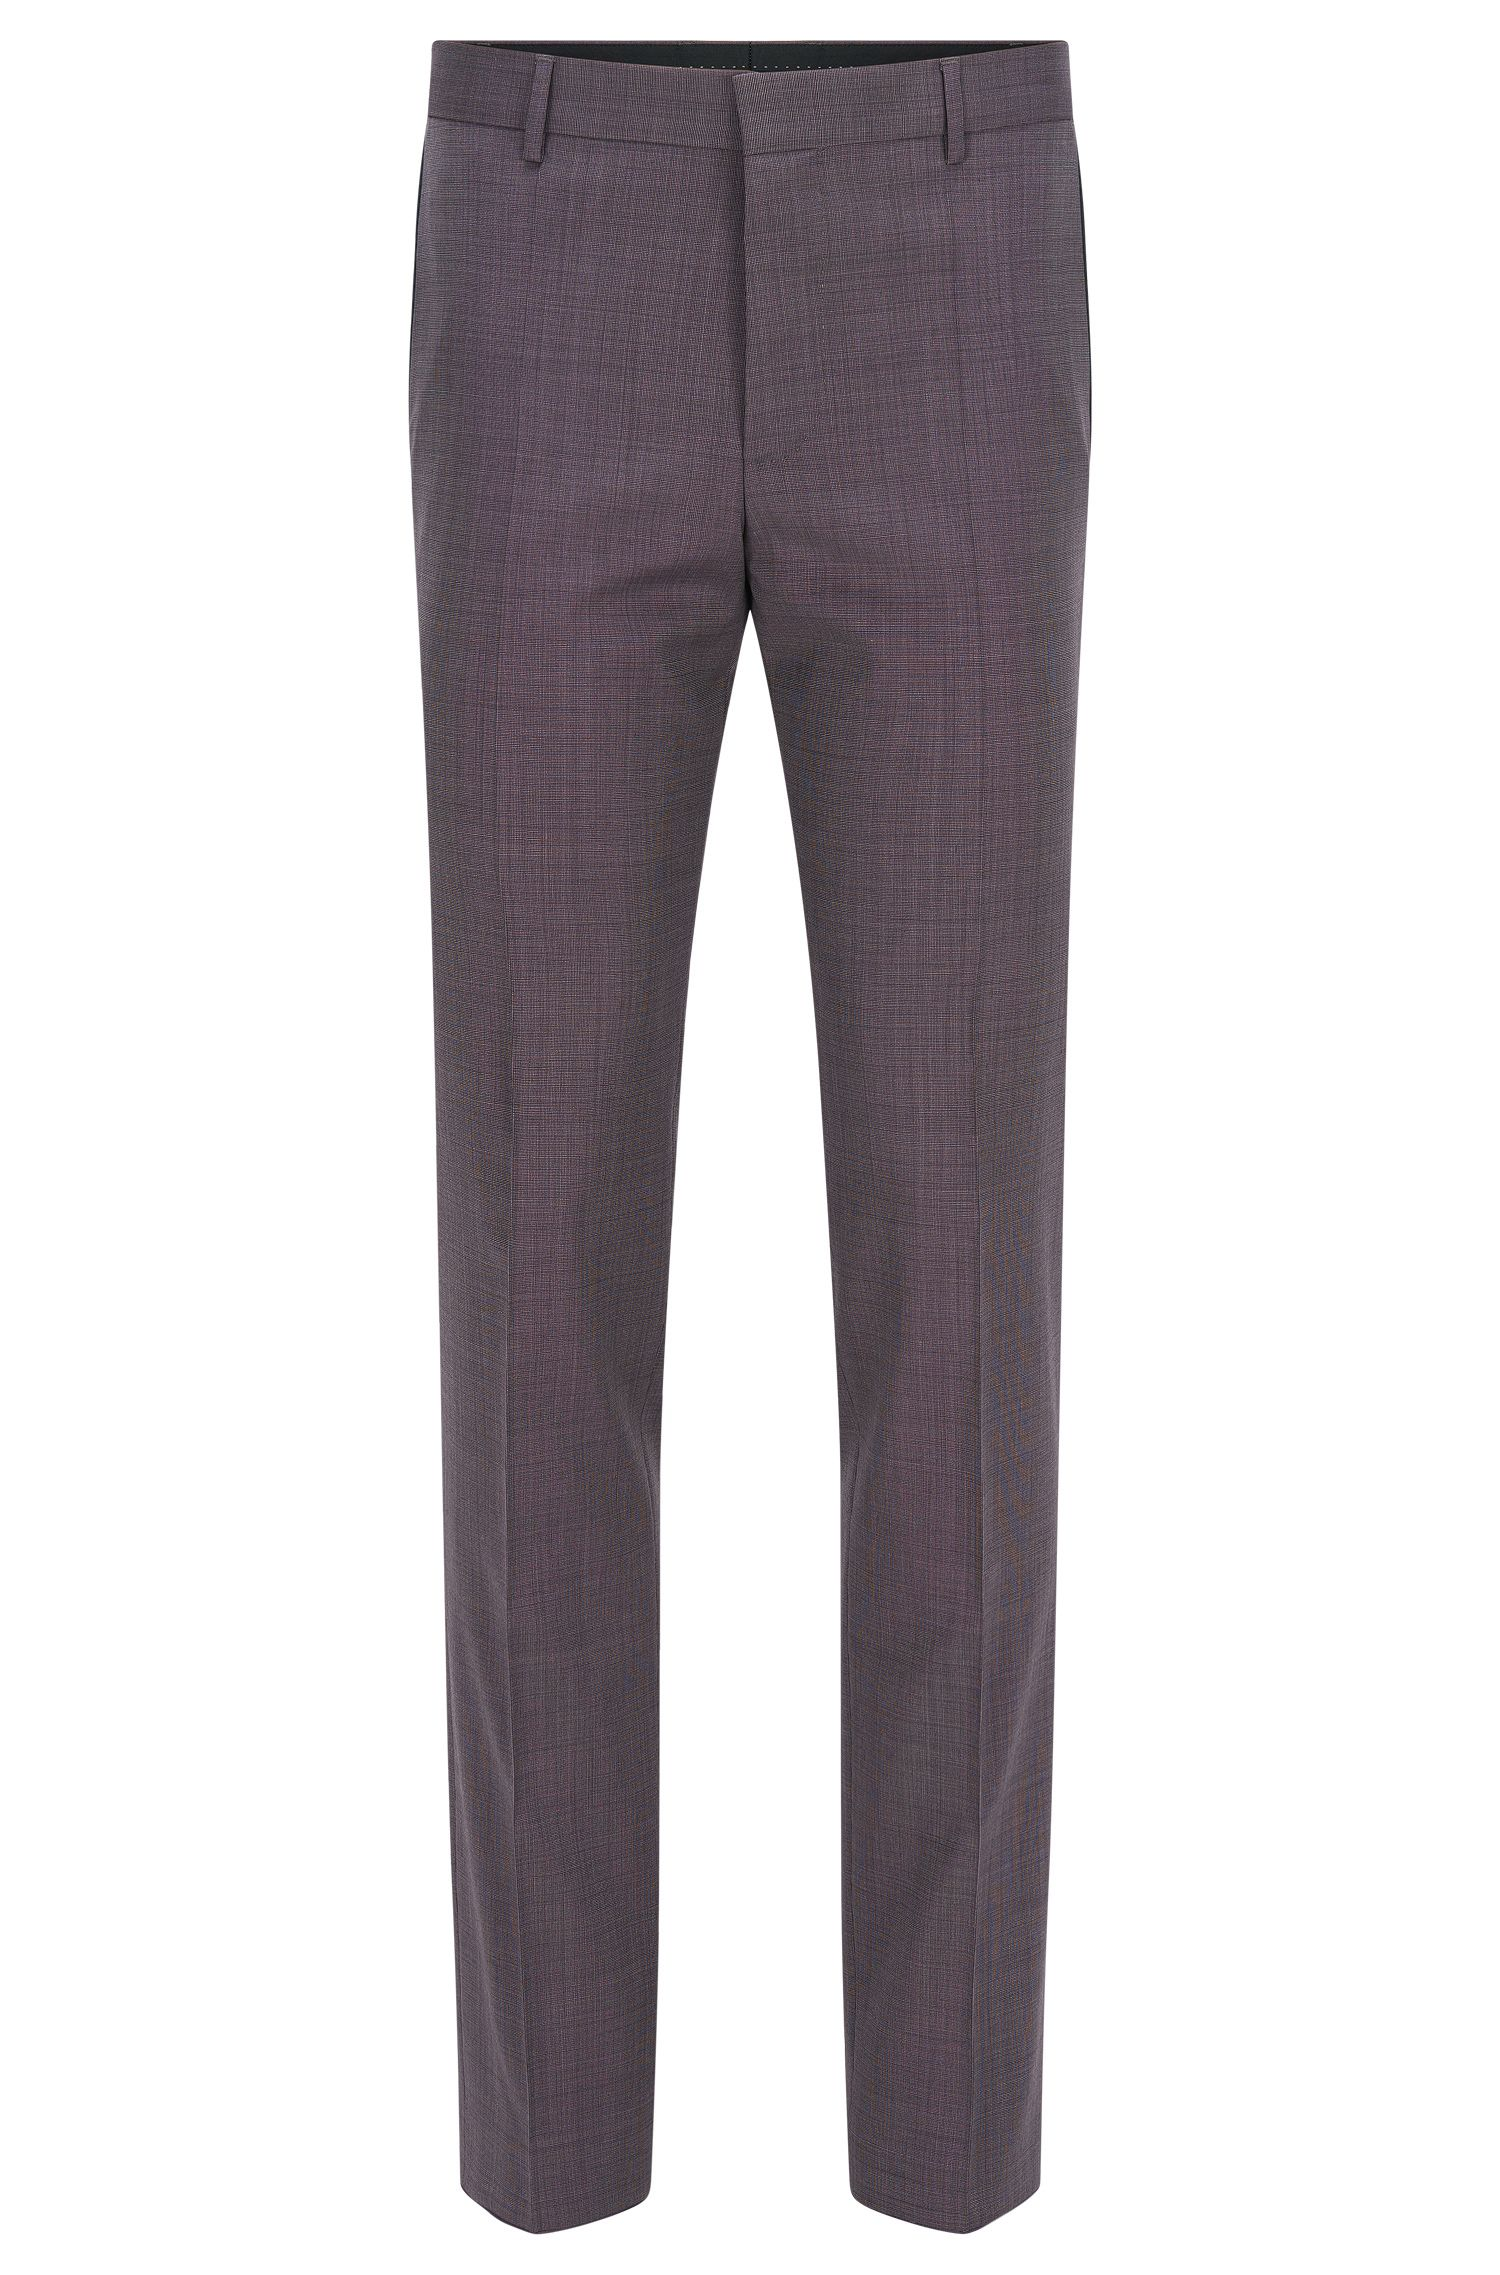 'Bevan'   Slim Fit, Italian Super 110 Virgin Wool Dress Pants